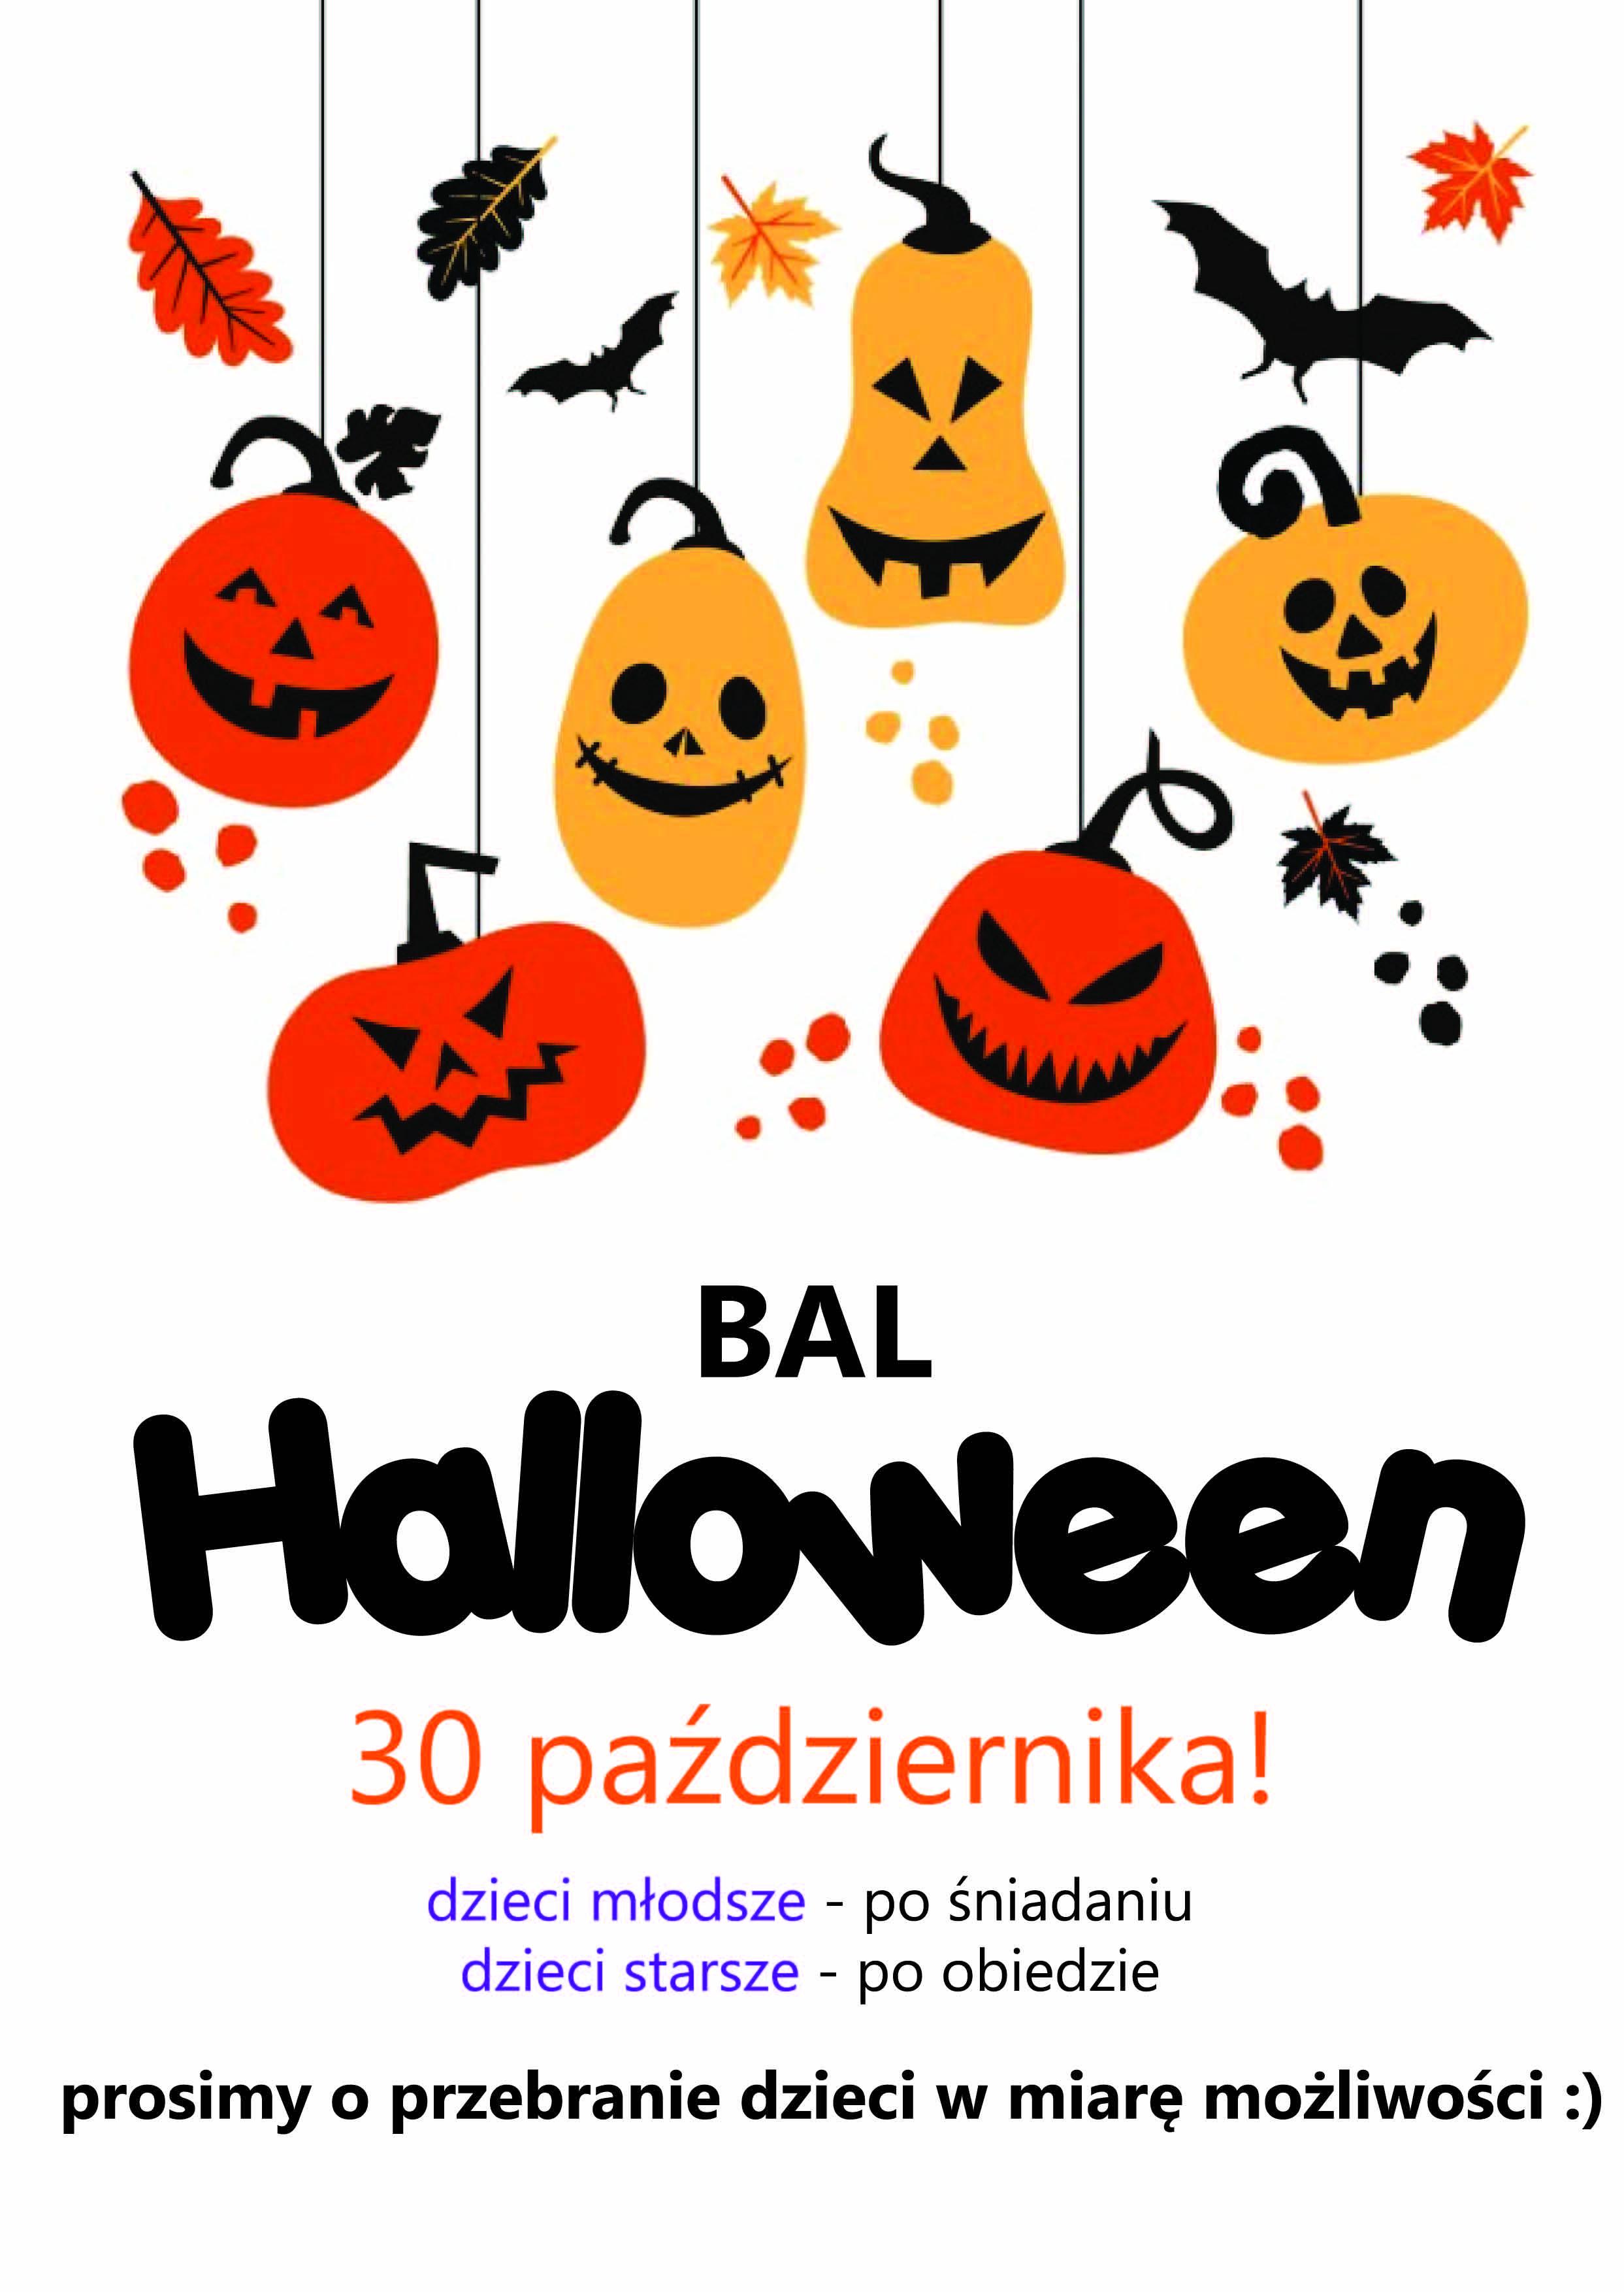 Plakat informujący o Balu Halloweenowym, który odbędzie się 30 października